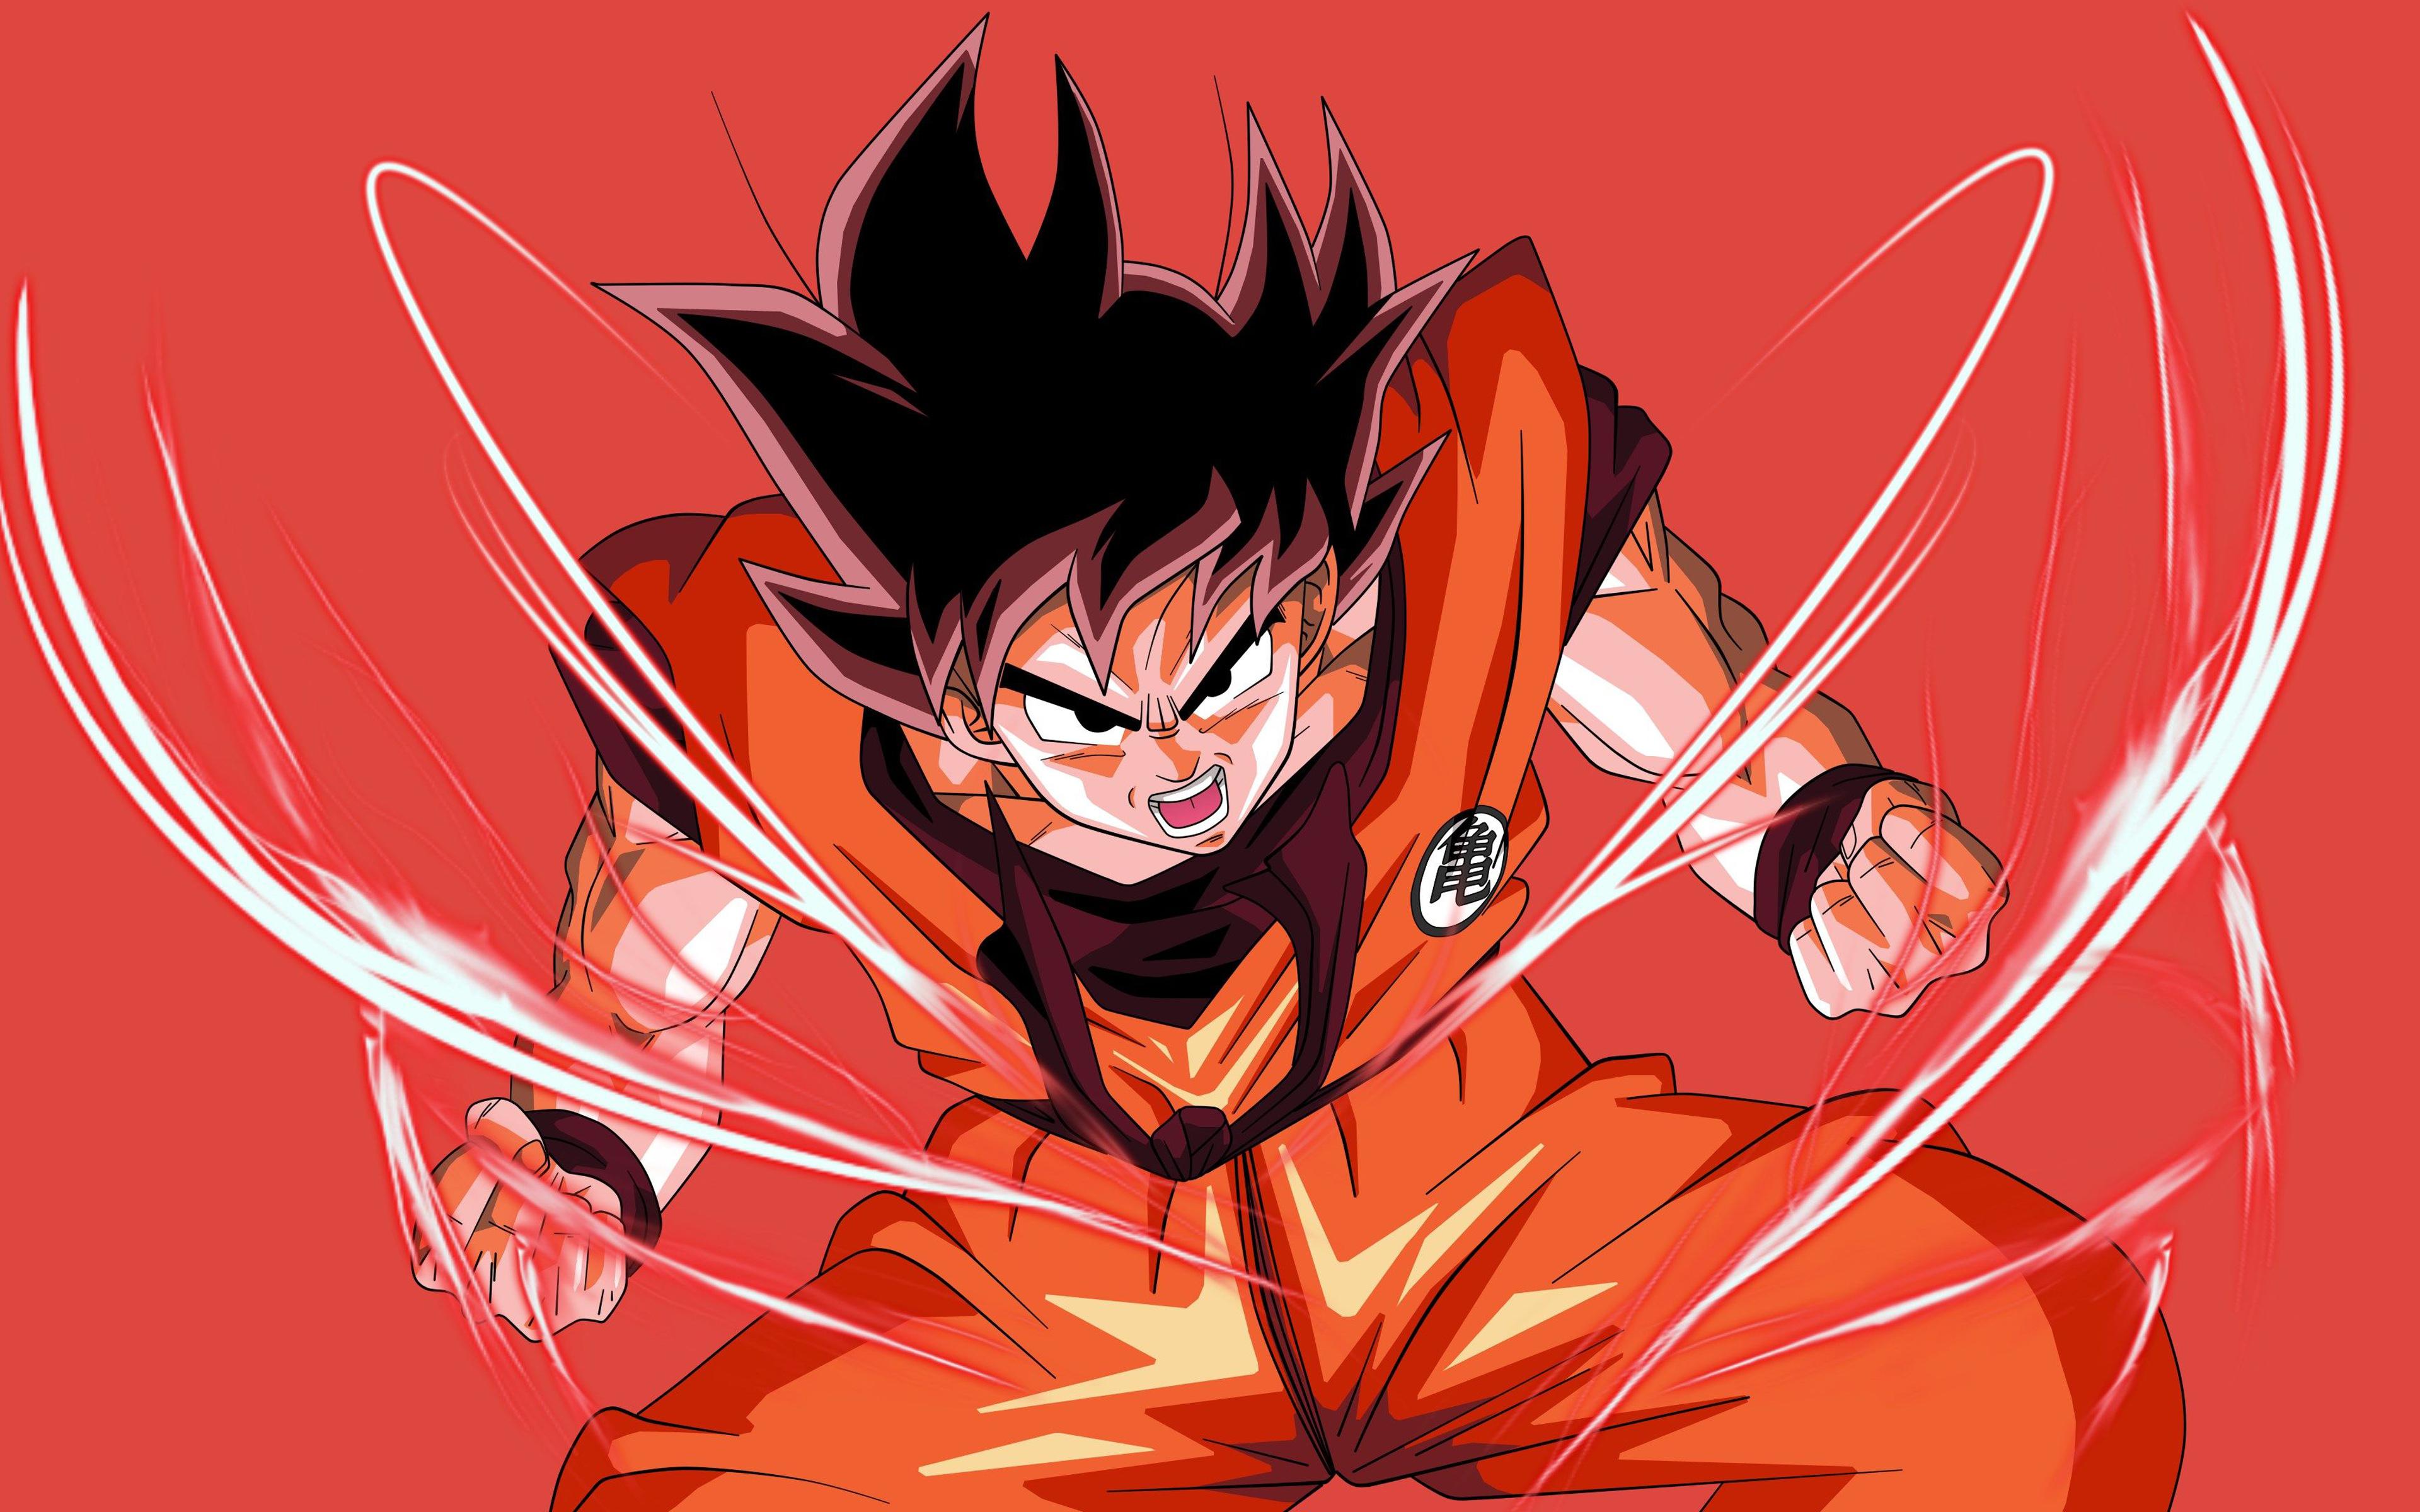 4k Goku Black Fan Art Dbz Dragon Ball Manga Dragon Dragon Ball Z 3840x2400 Download Hd Wallpaper Wallpapertip